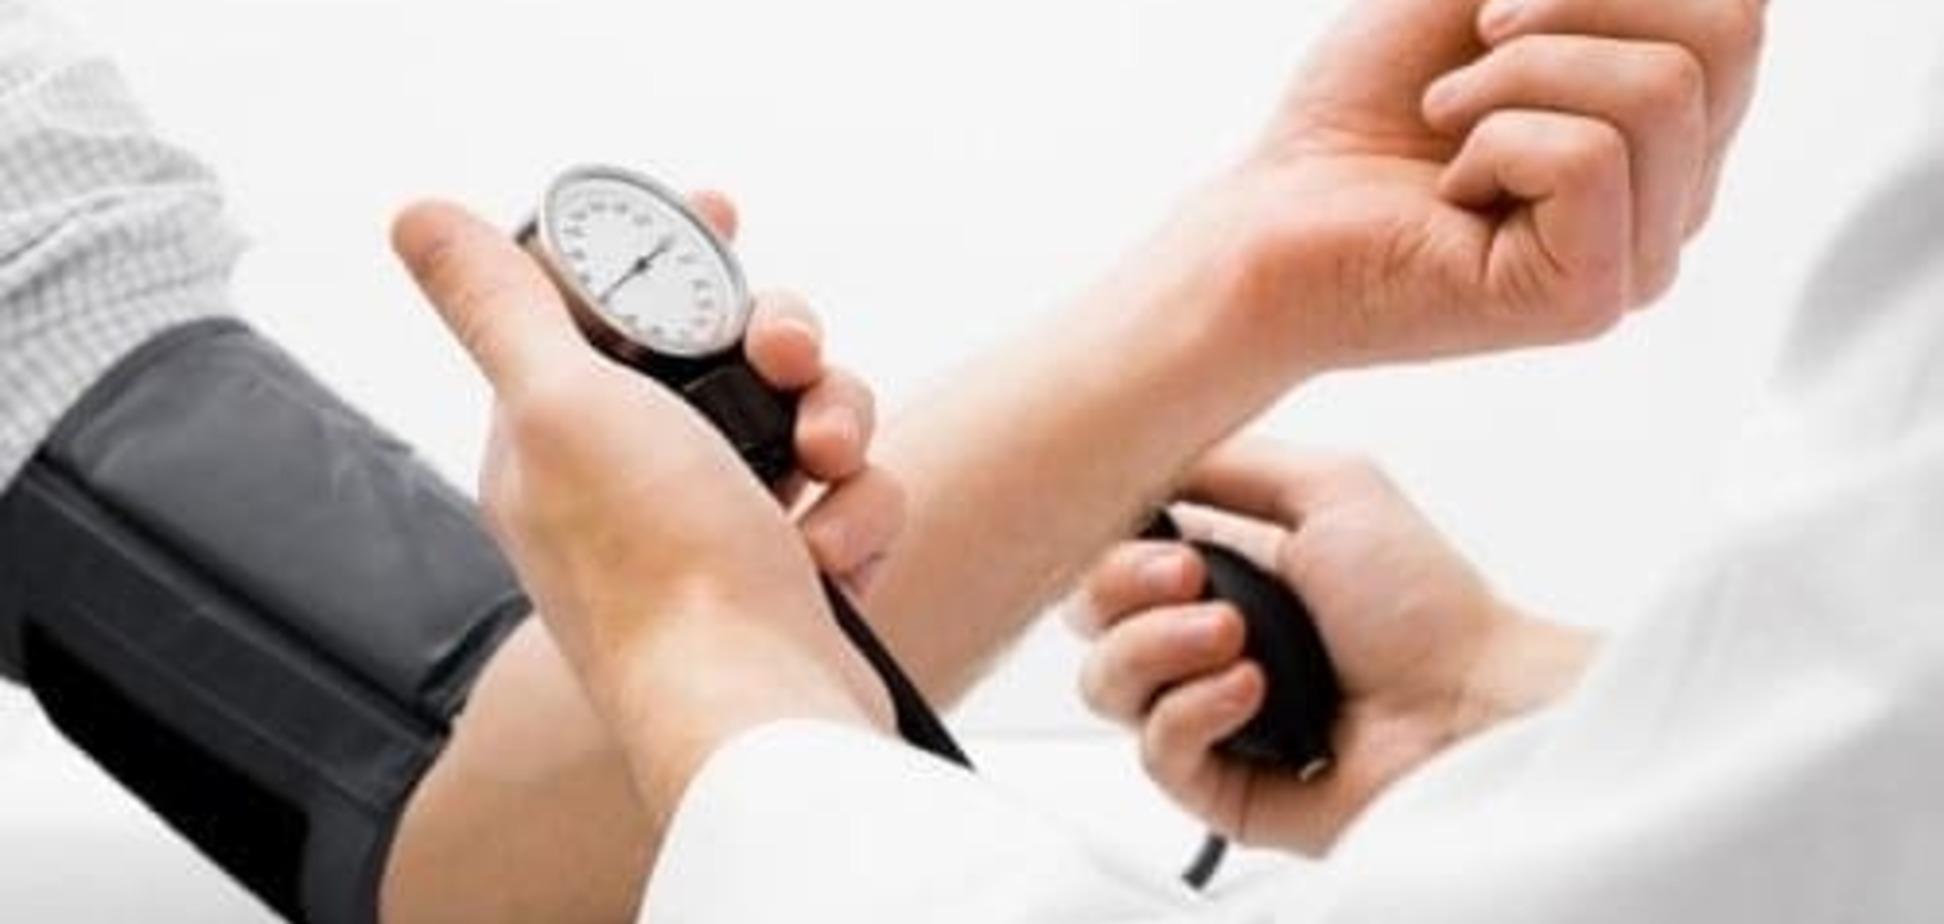 Медики рассказали, как эффективно бороться с повышенным давлением